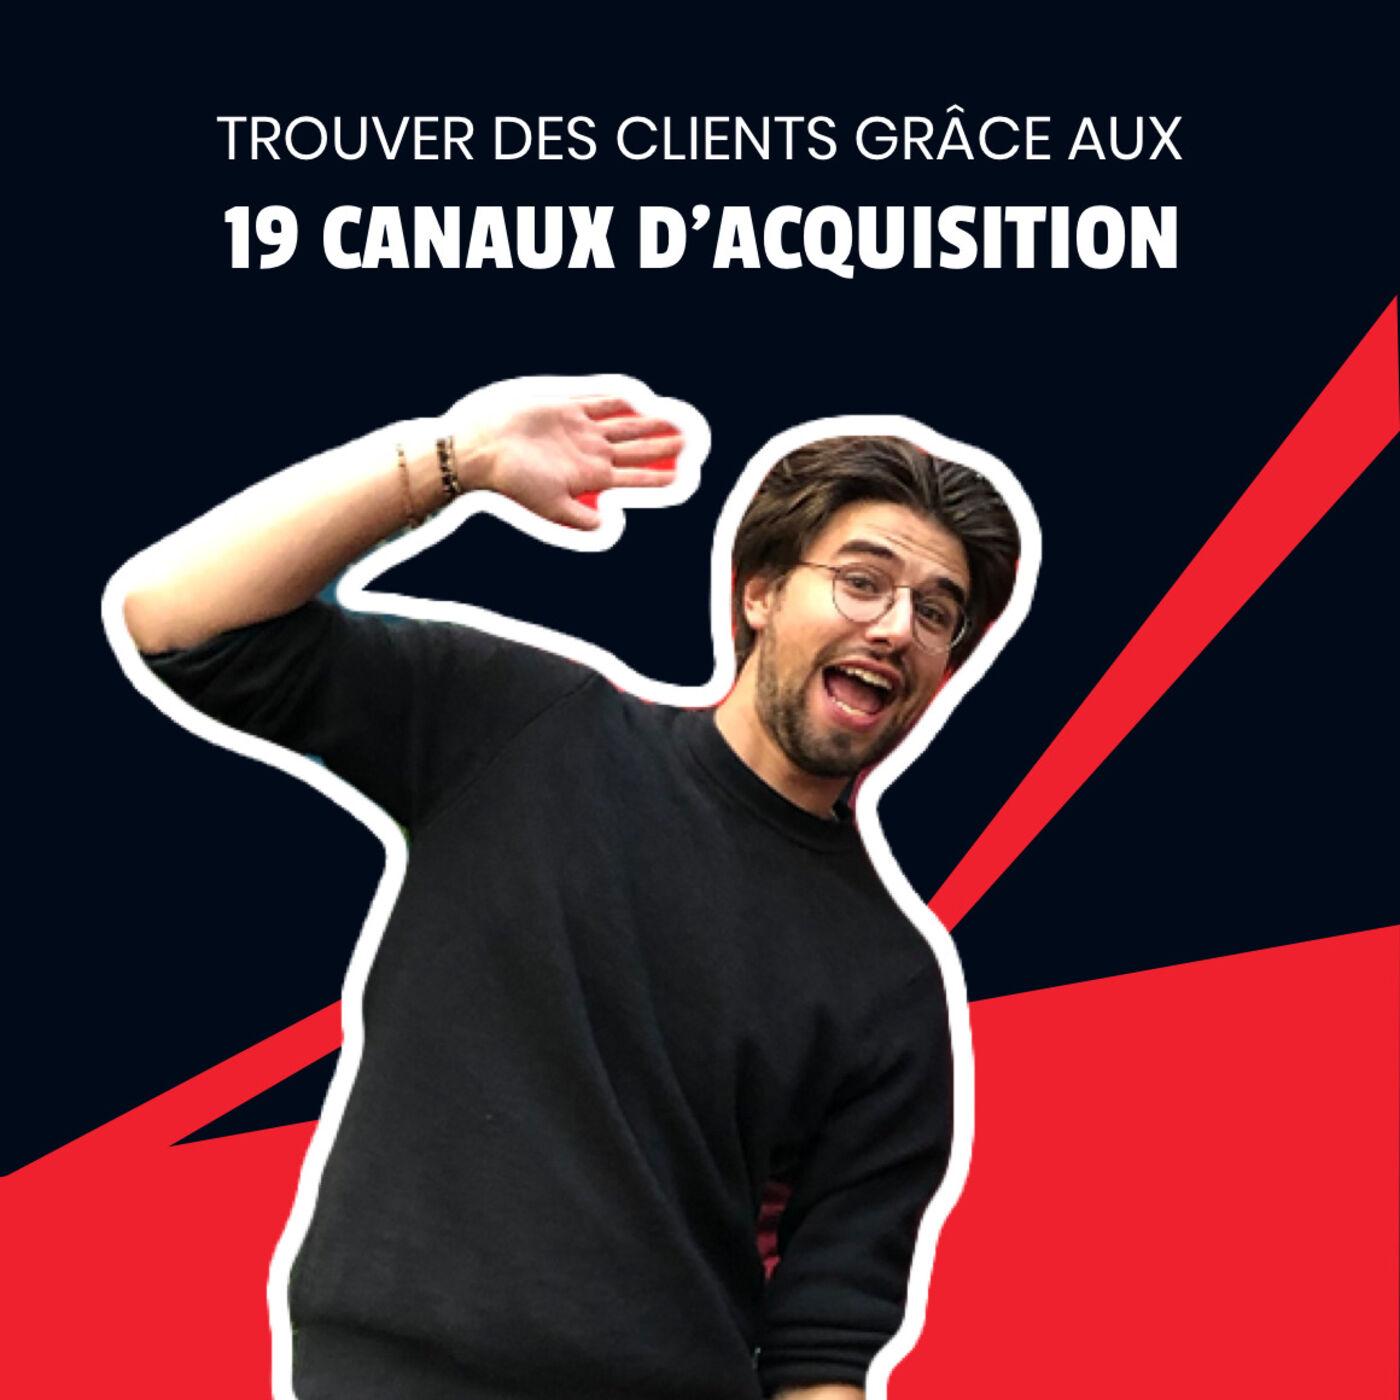 Episode bonus : Trouver des clients grâce aux 19 canaux d'acquisition I Saison 2 Koudetat Entreprendre